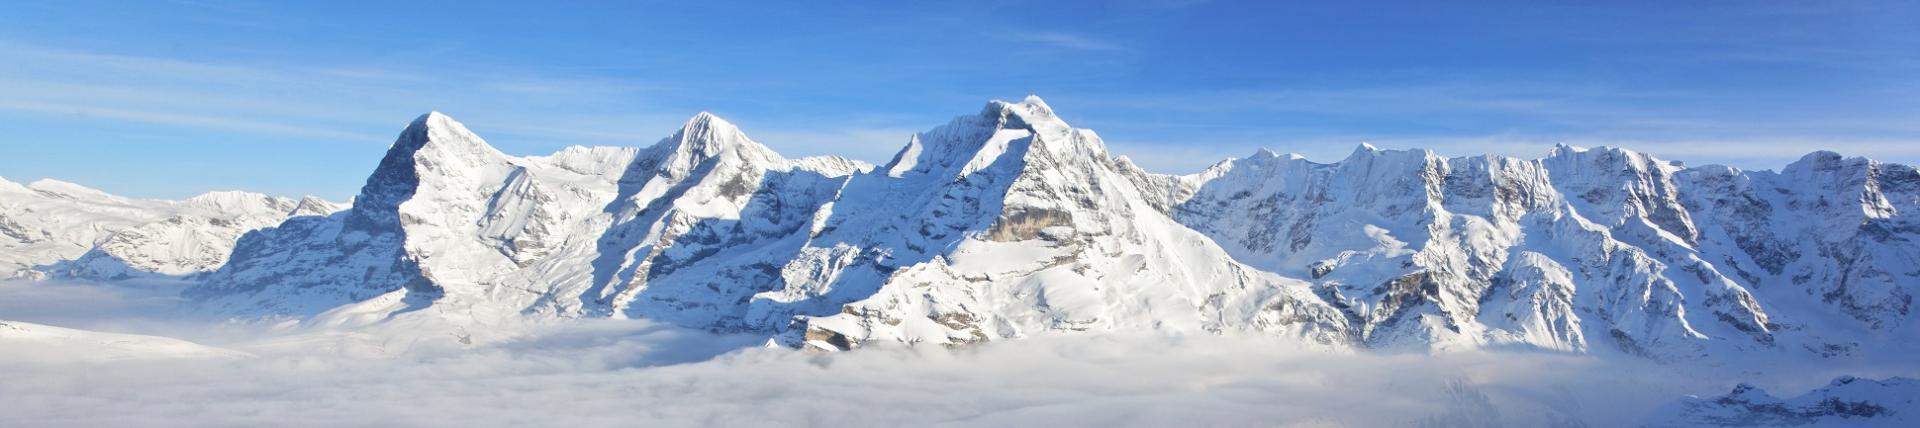 Headerbild Das sind die schönsten Skigebiete der Alpen und der deutschen Mittelgebirge